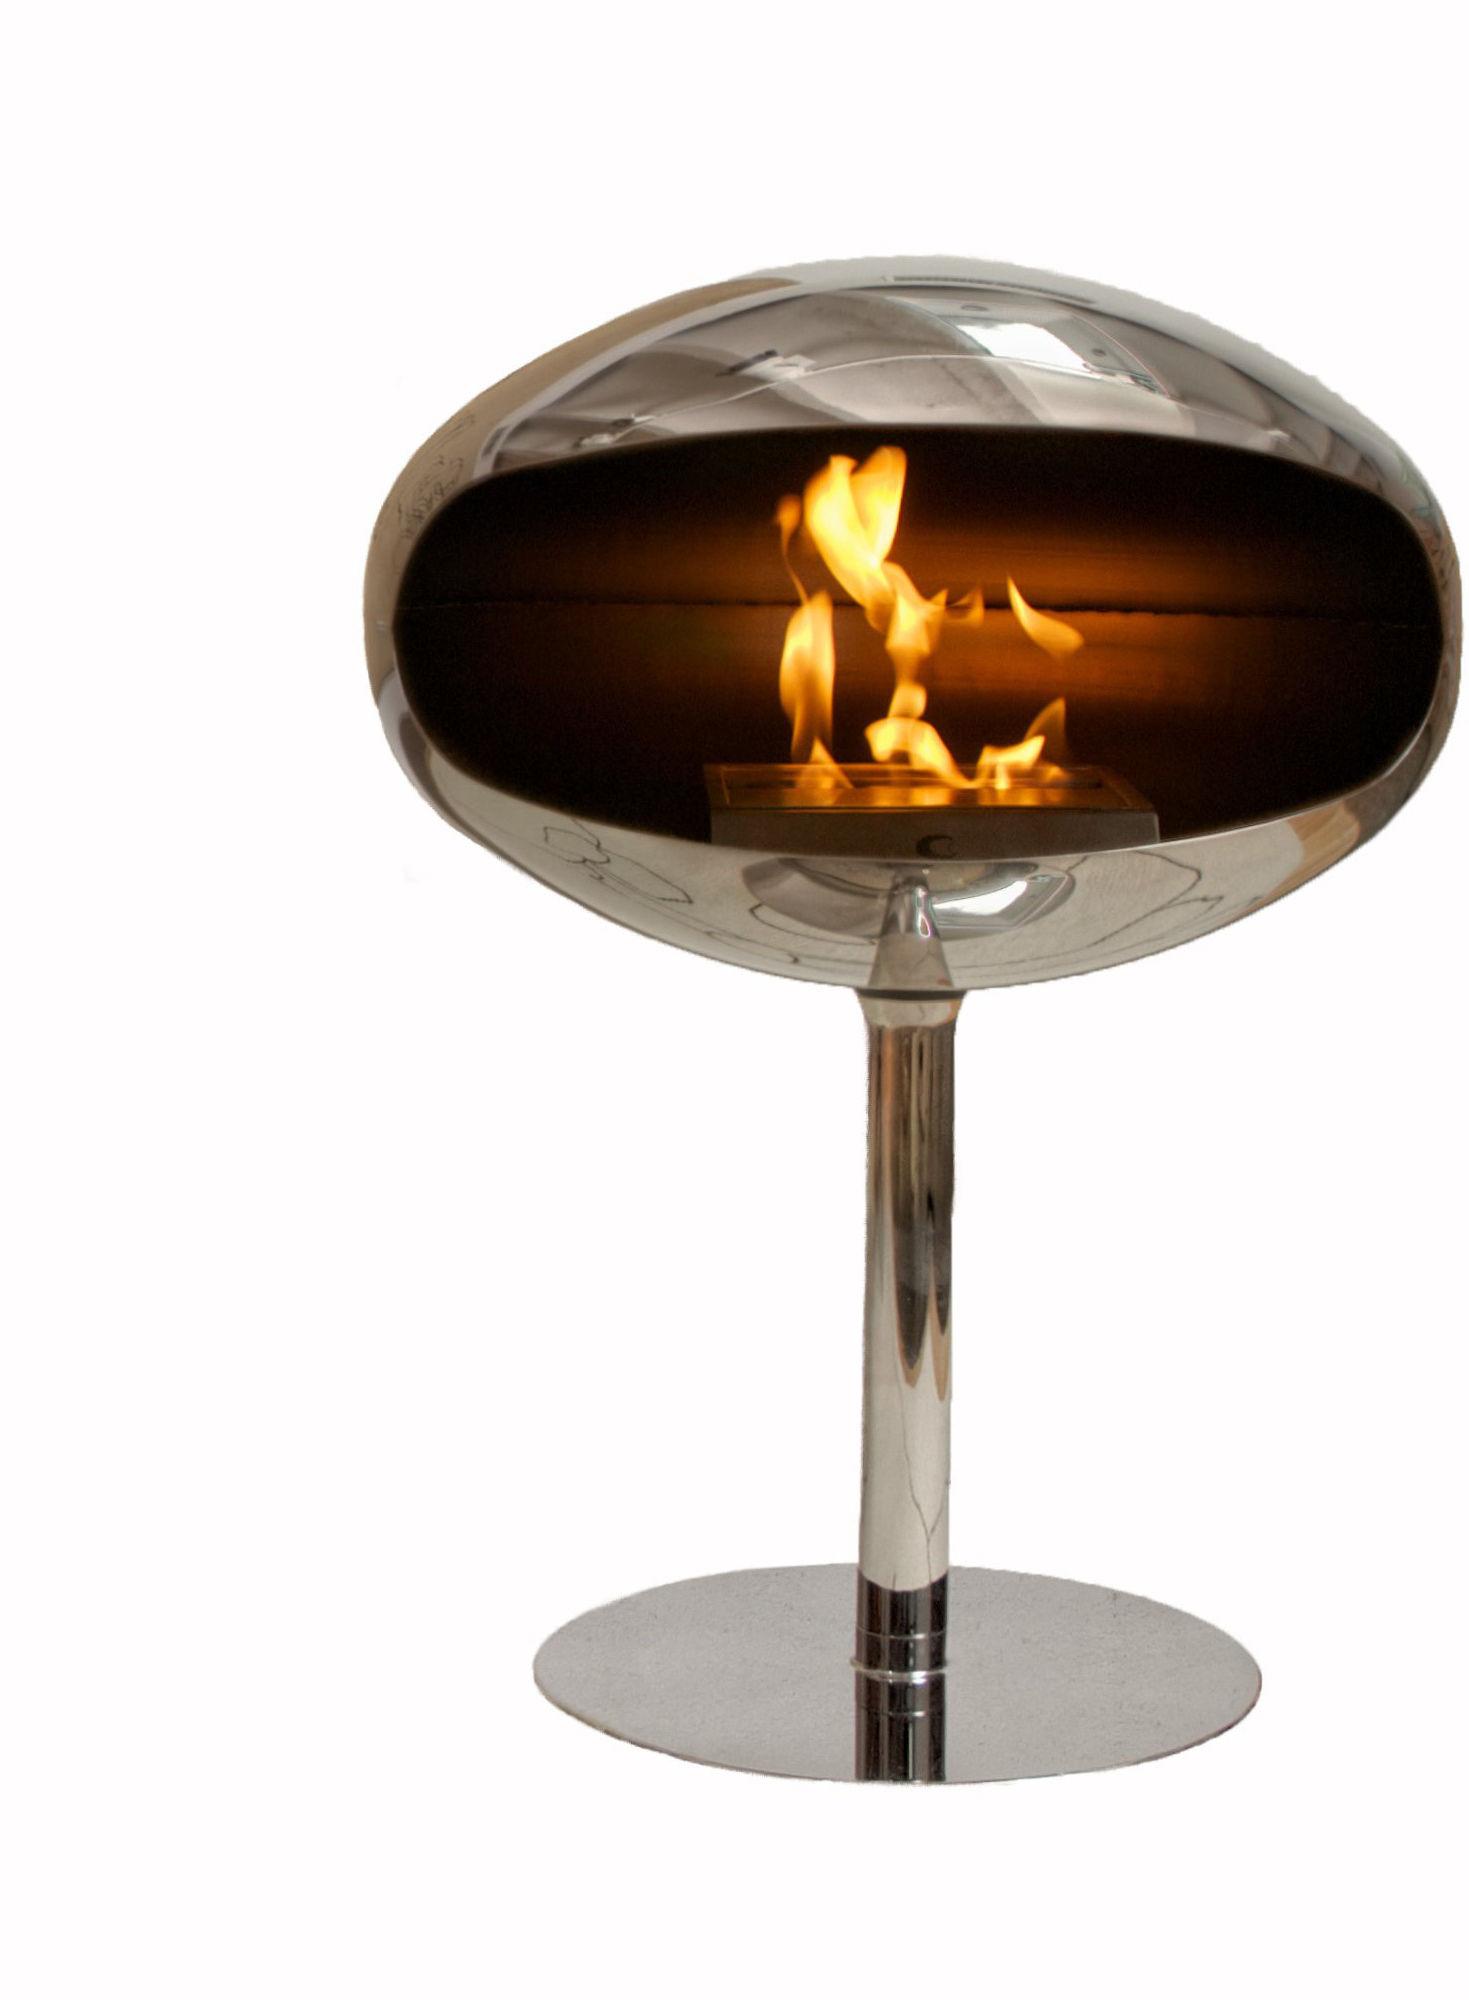 Biokominek Cocoon Terra Pedestal Stainless Steel --- OFICJALNY SKLEP Cocoon Fires